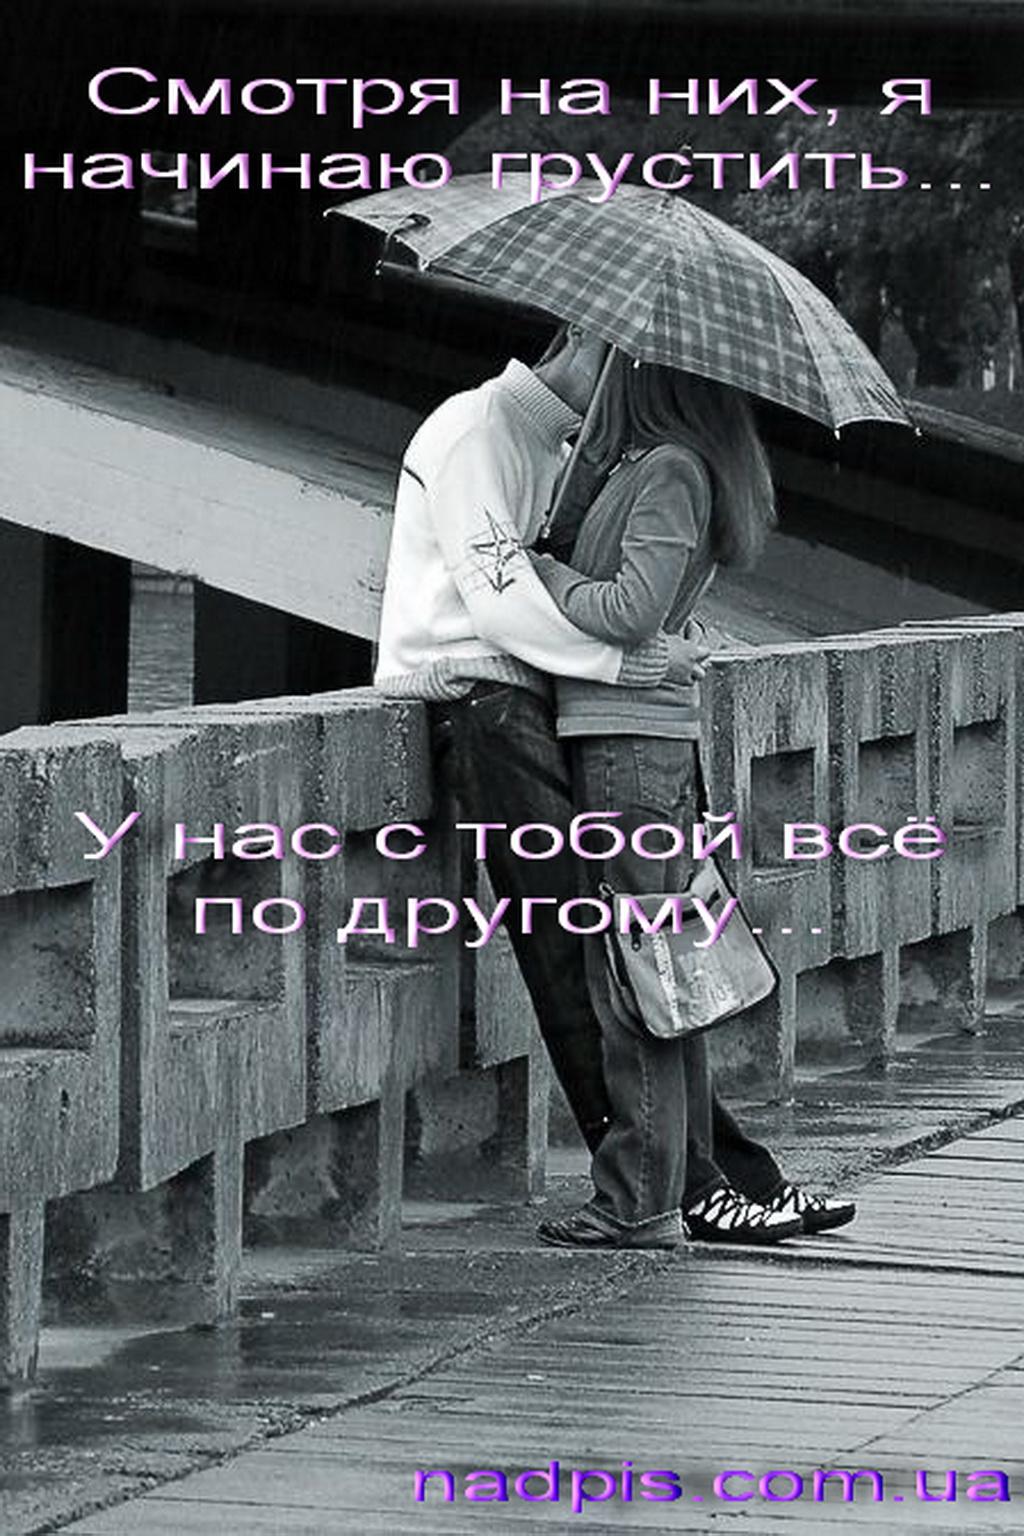 Я начинаю грустить